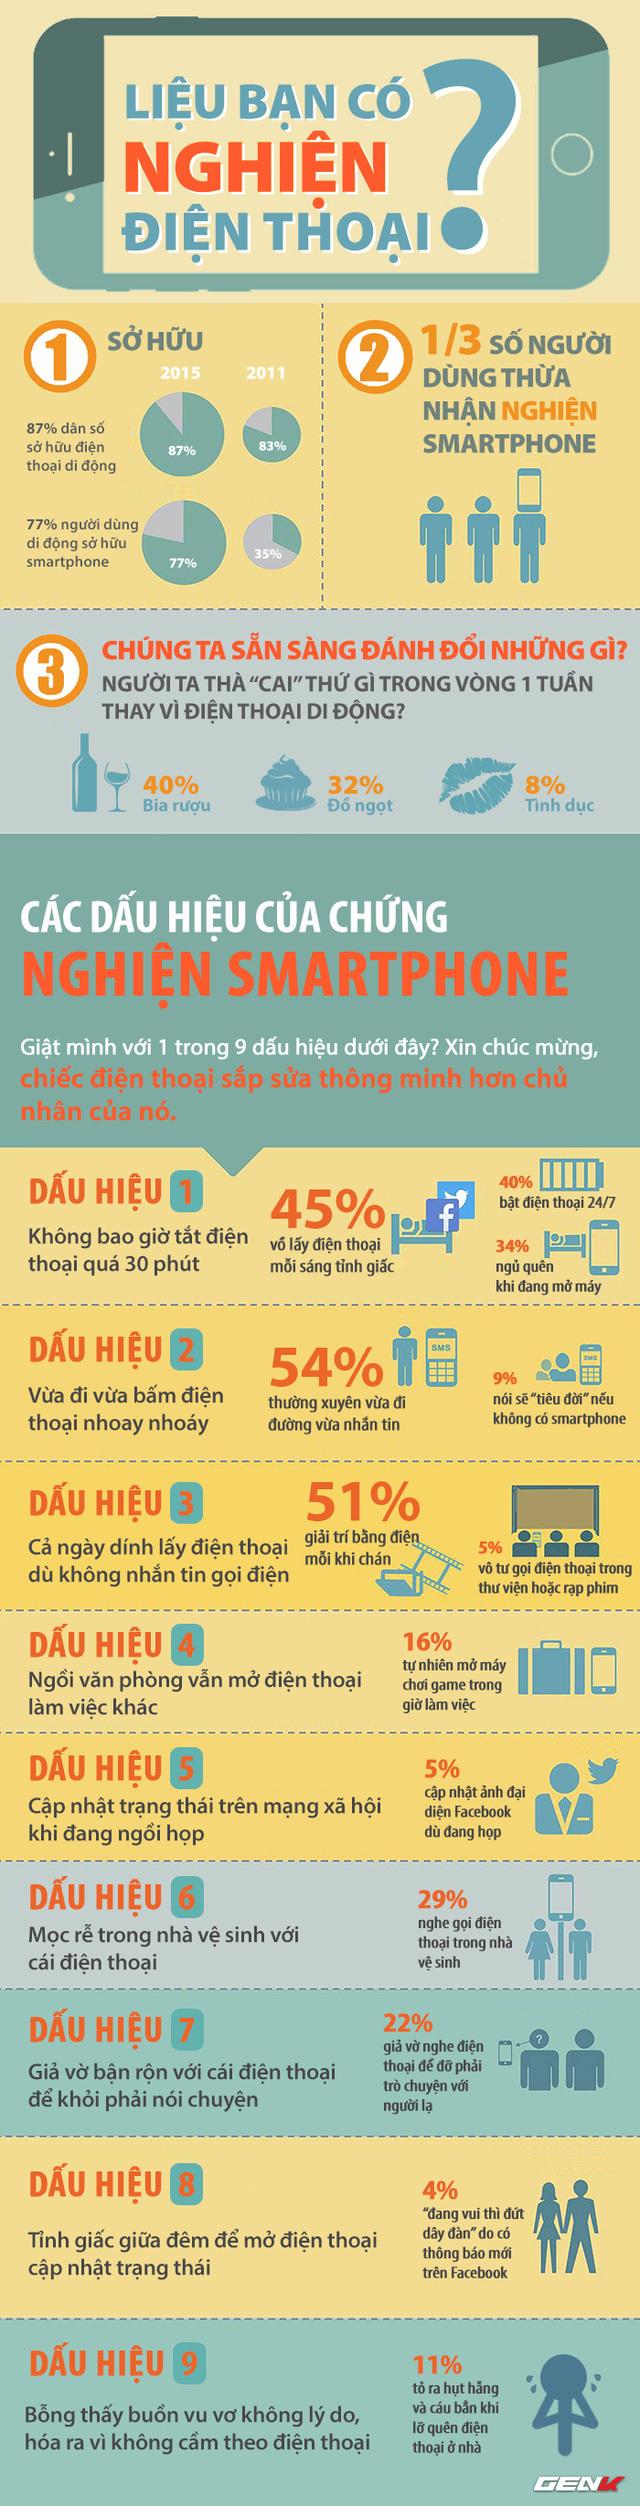 Bạn có phải người nghiện smartphone?